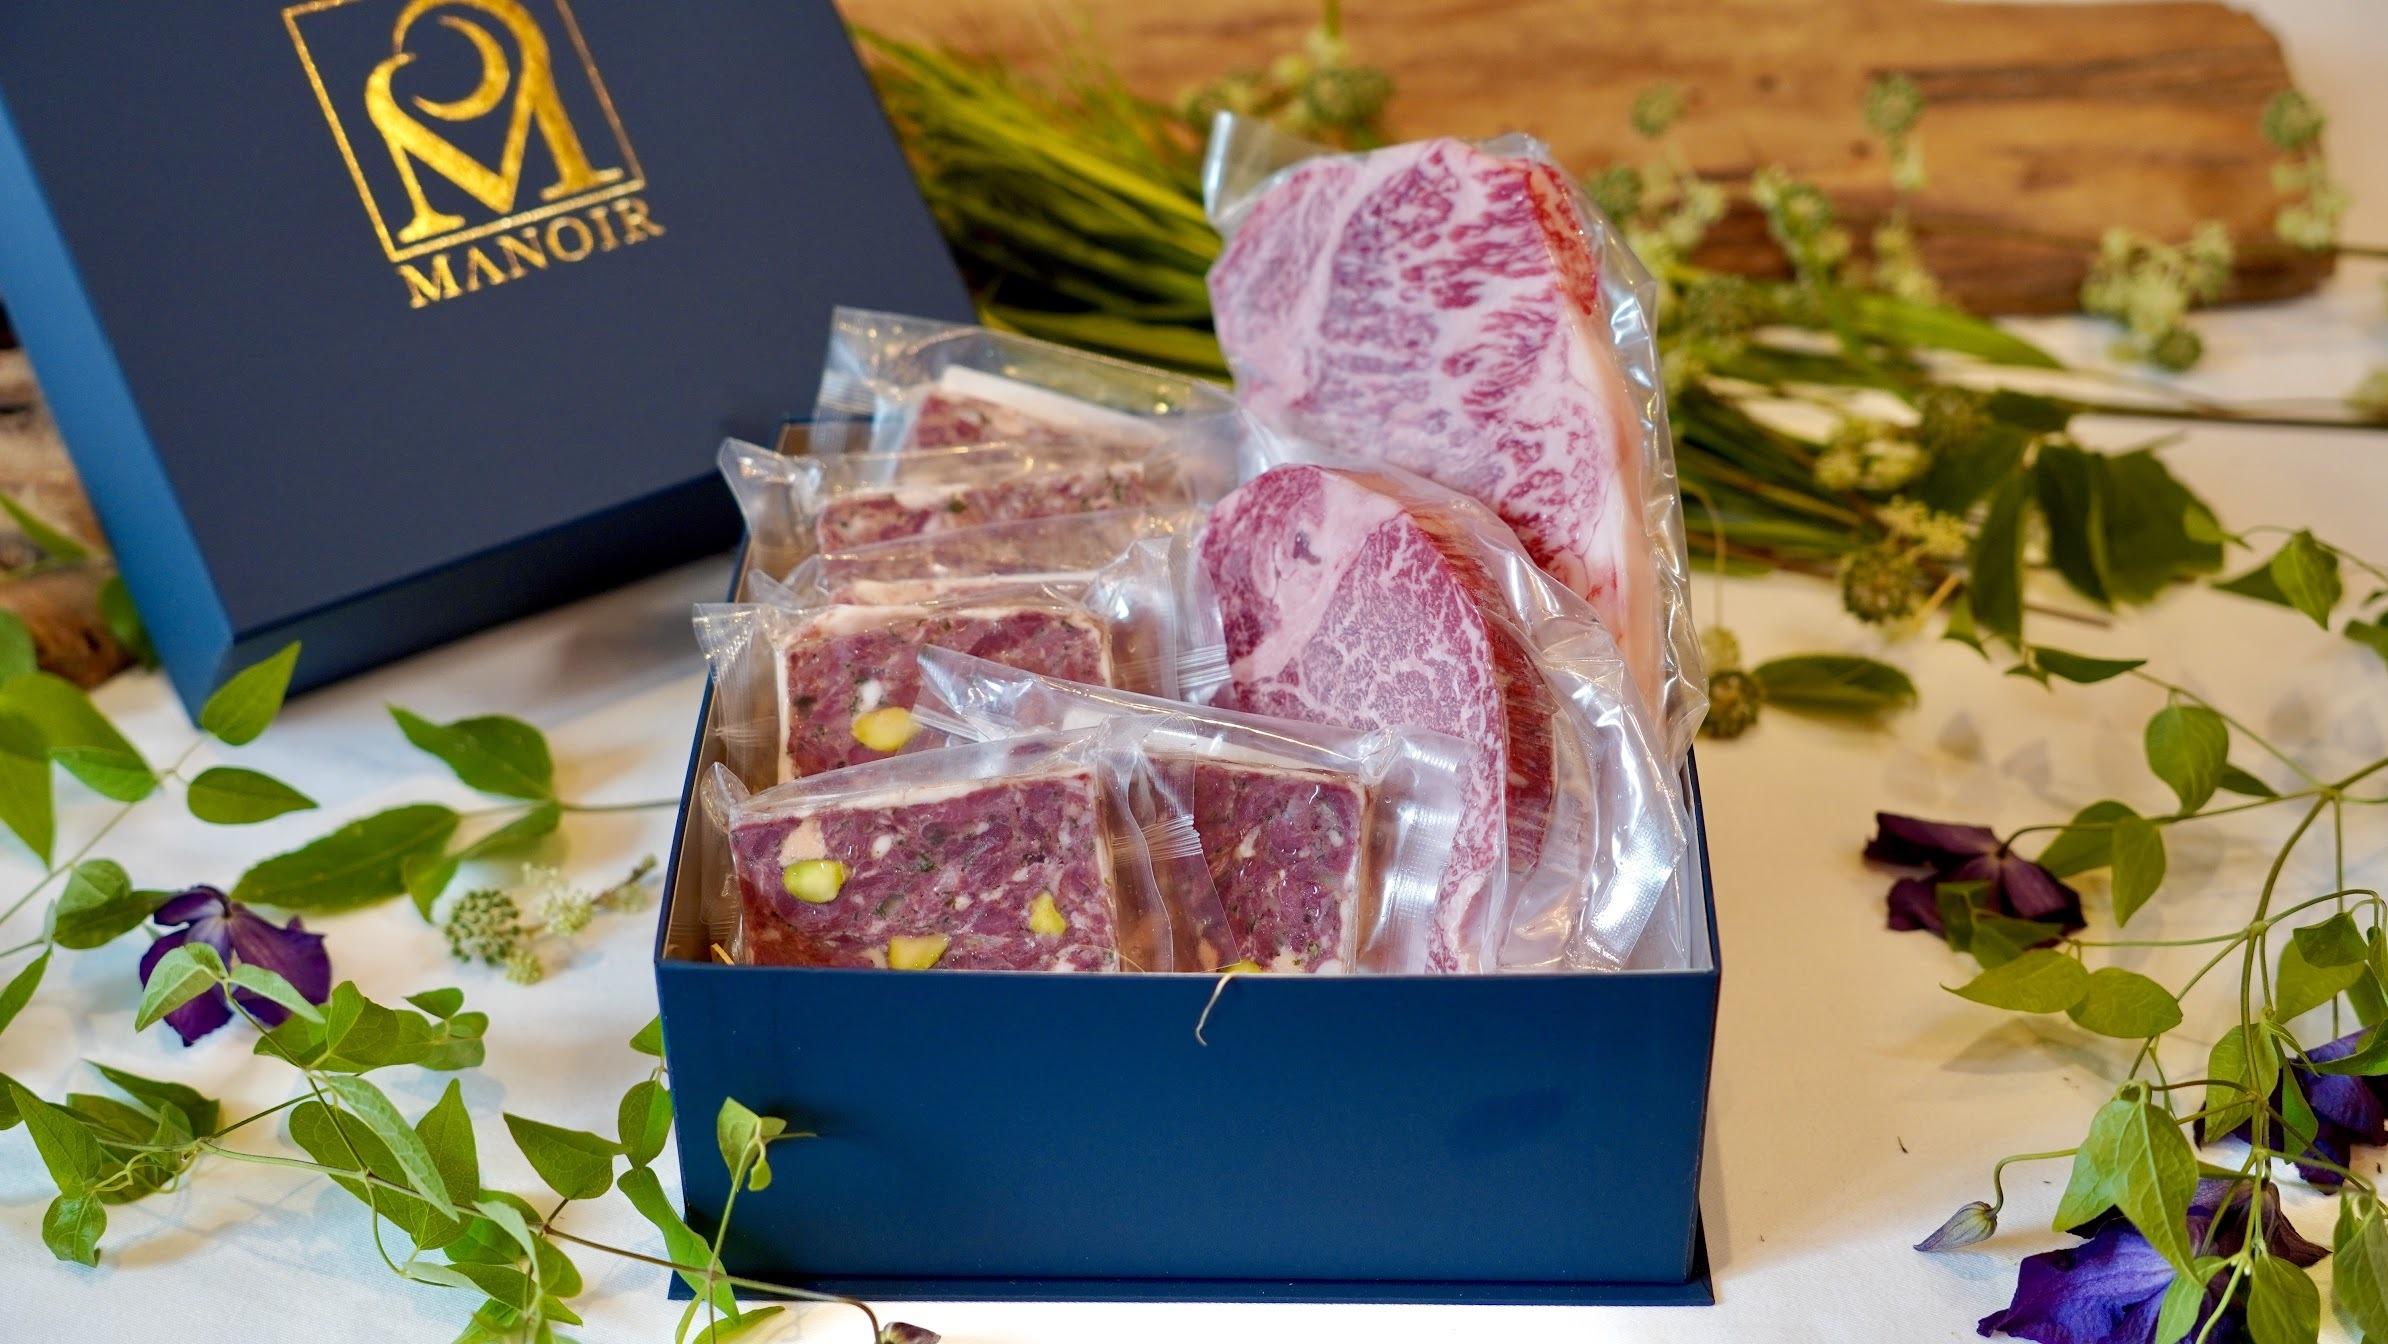 熊野牛ロース200g×1枚と熊野牛フィレ肉150g×1枚とマノワのジビエ、日本鹿のテリーヌ3枚+いのししのテリーヌ3枚セット